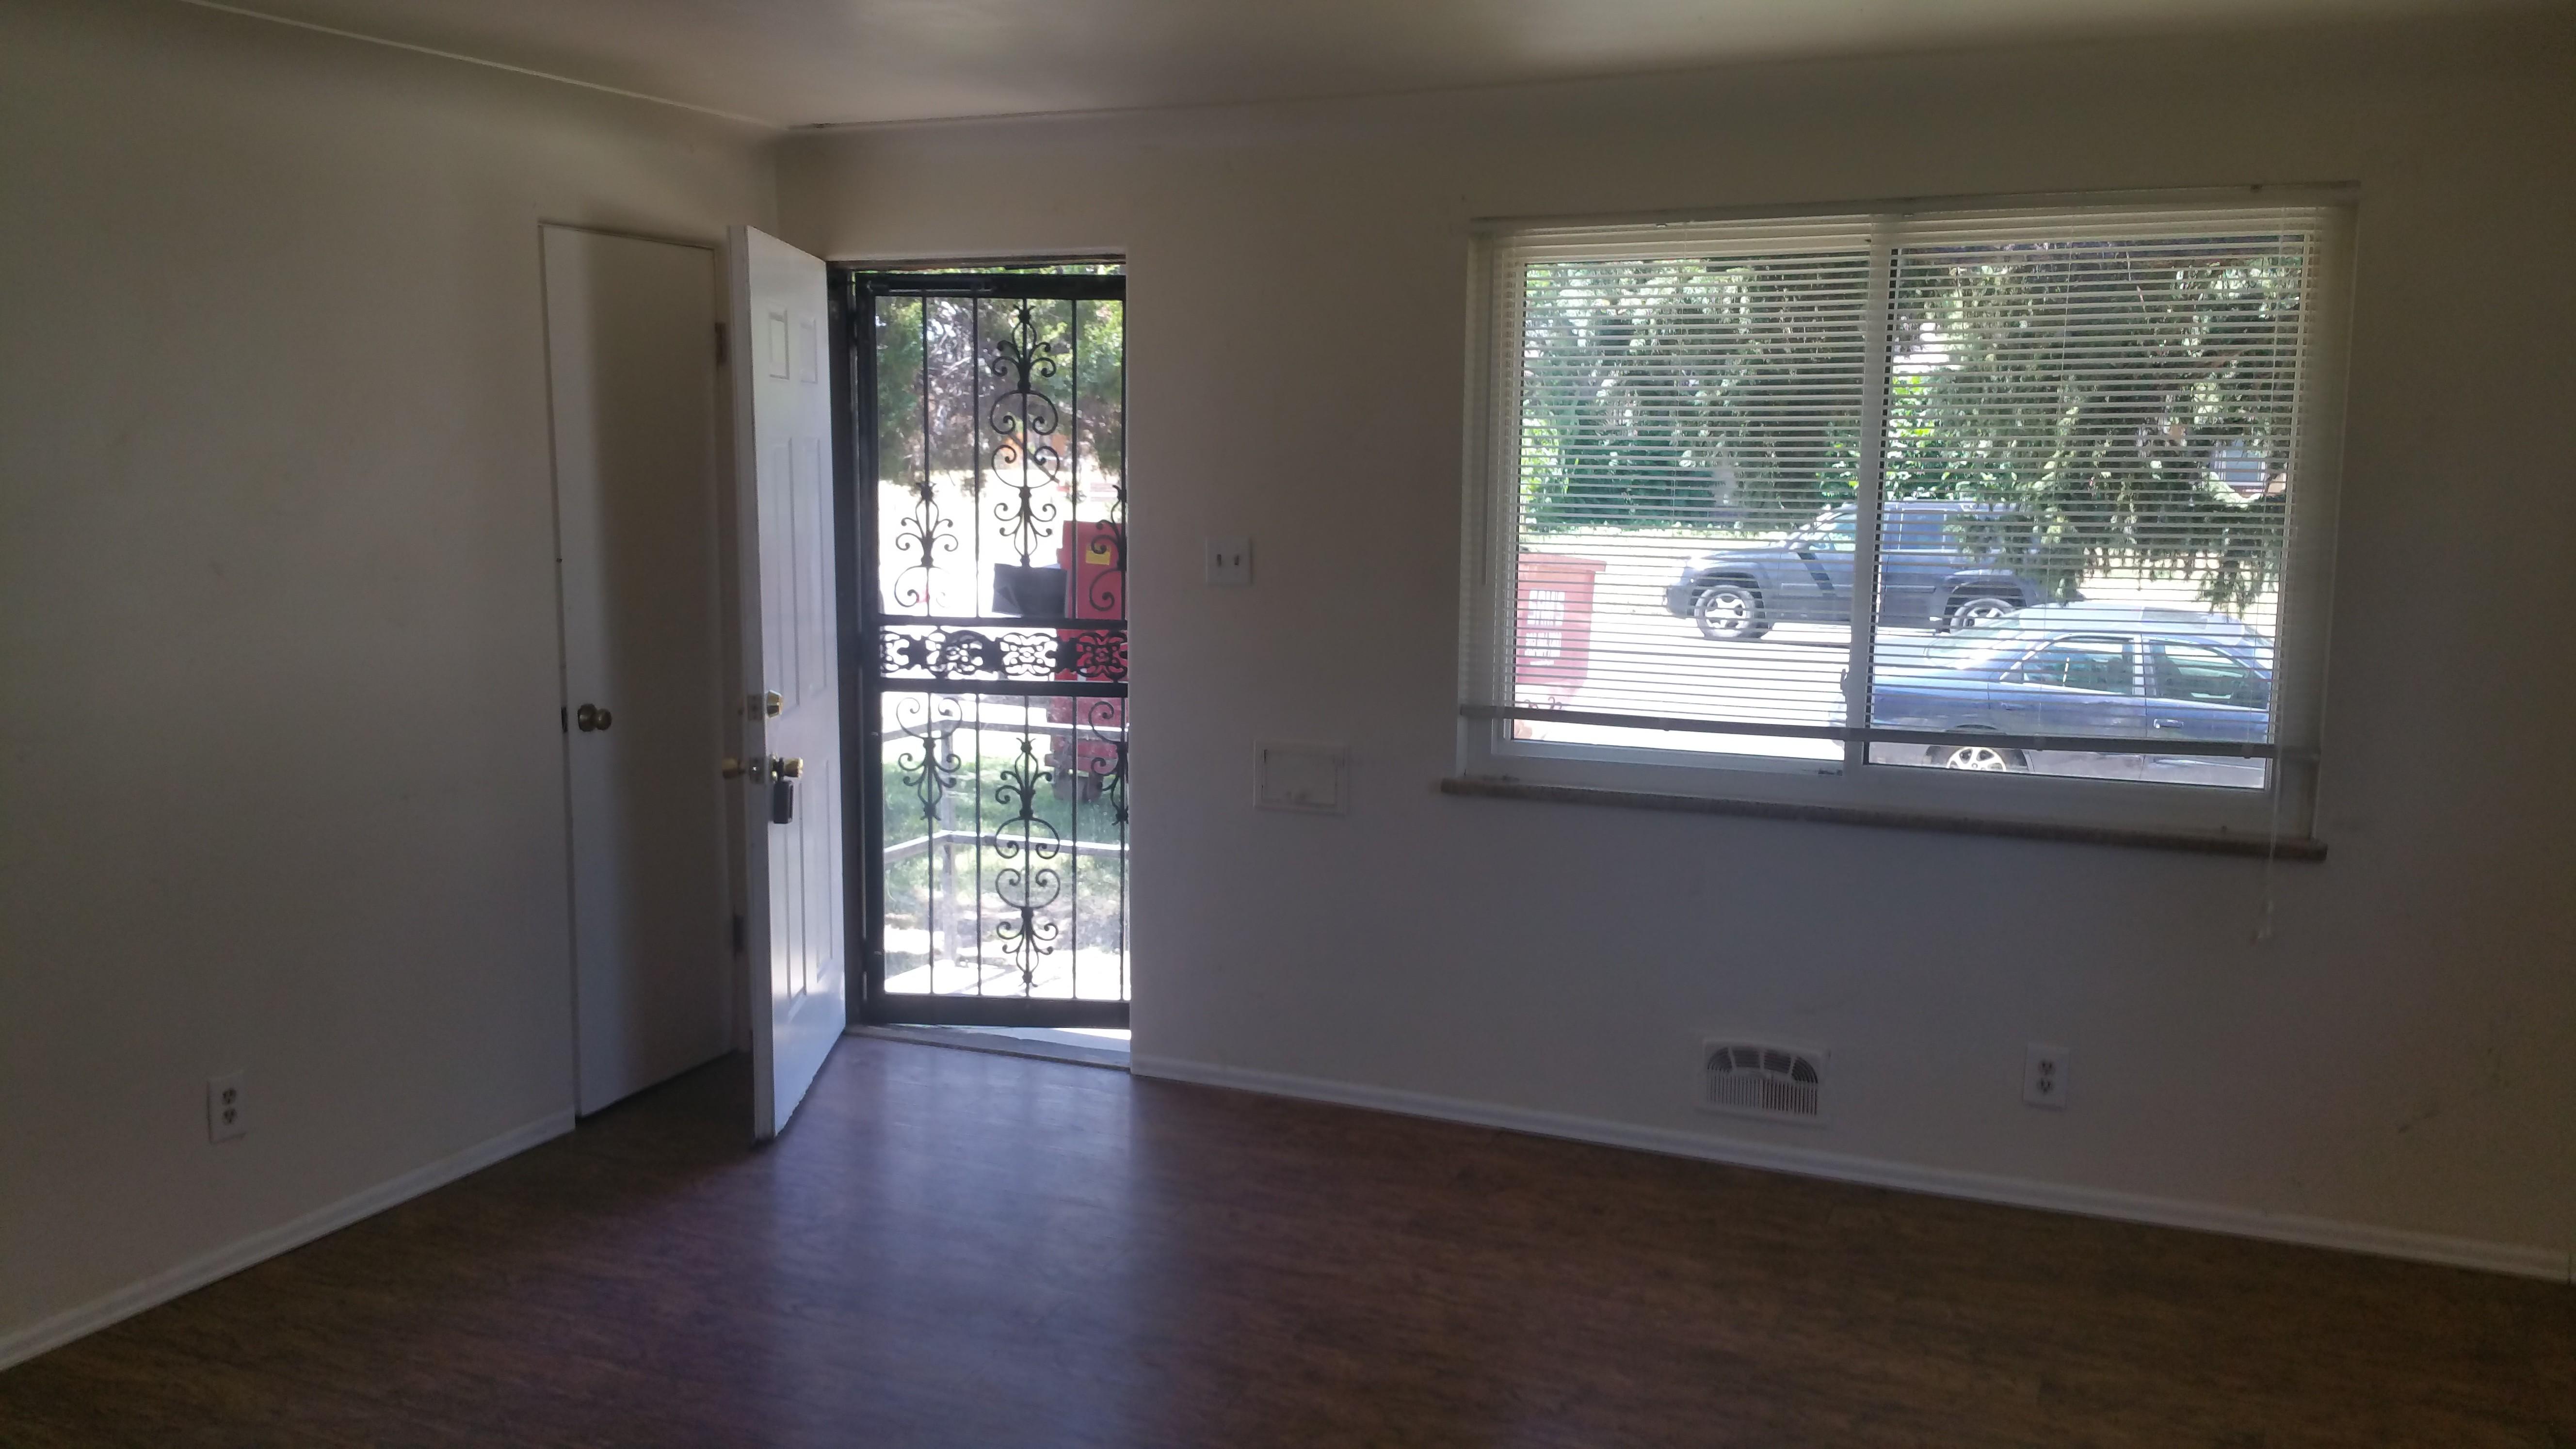 3246 Pontiac St Denver Co 80207 2 Bedroom Apartment For Rent For 1 200 Month Zumper